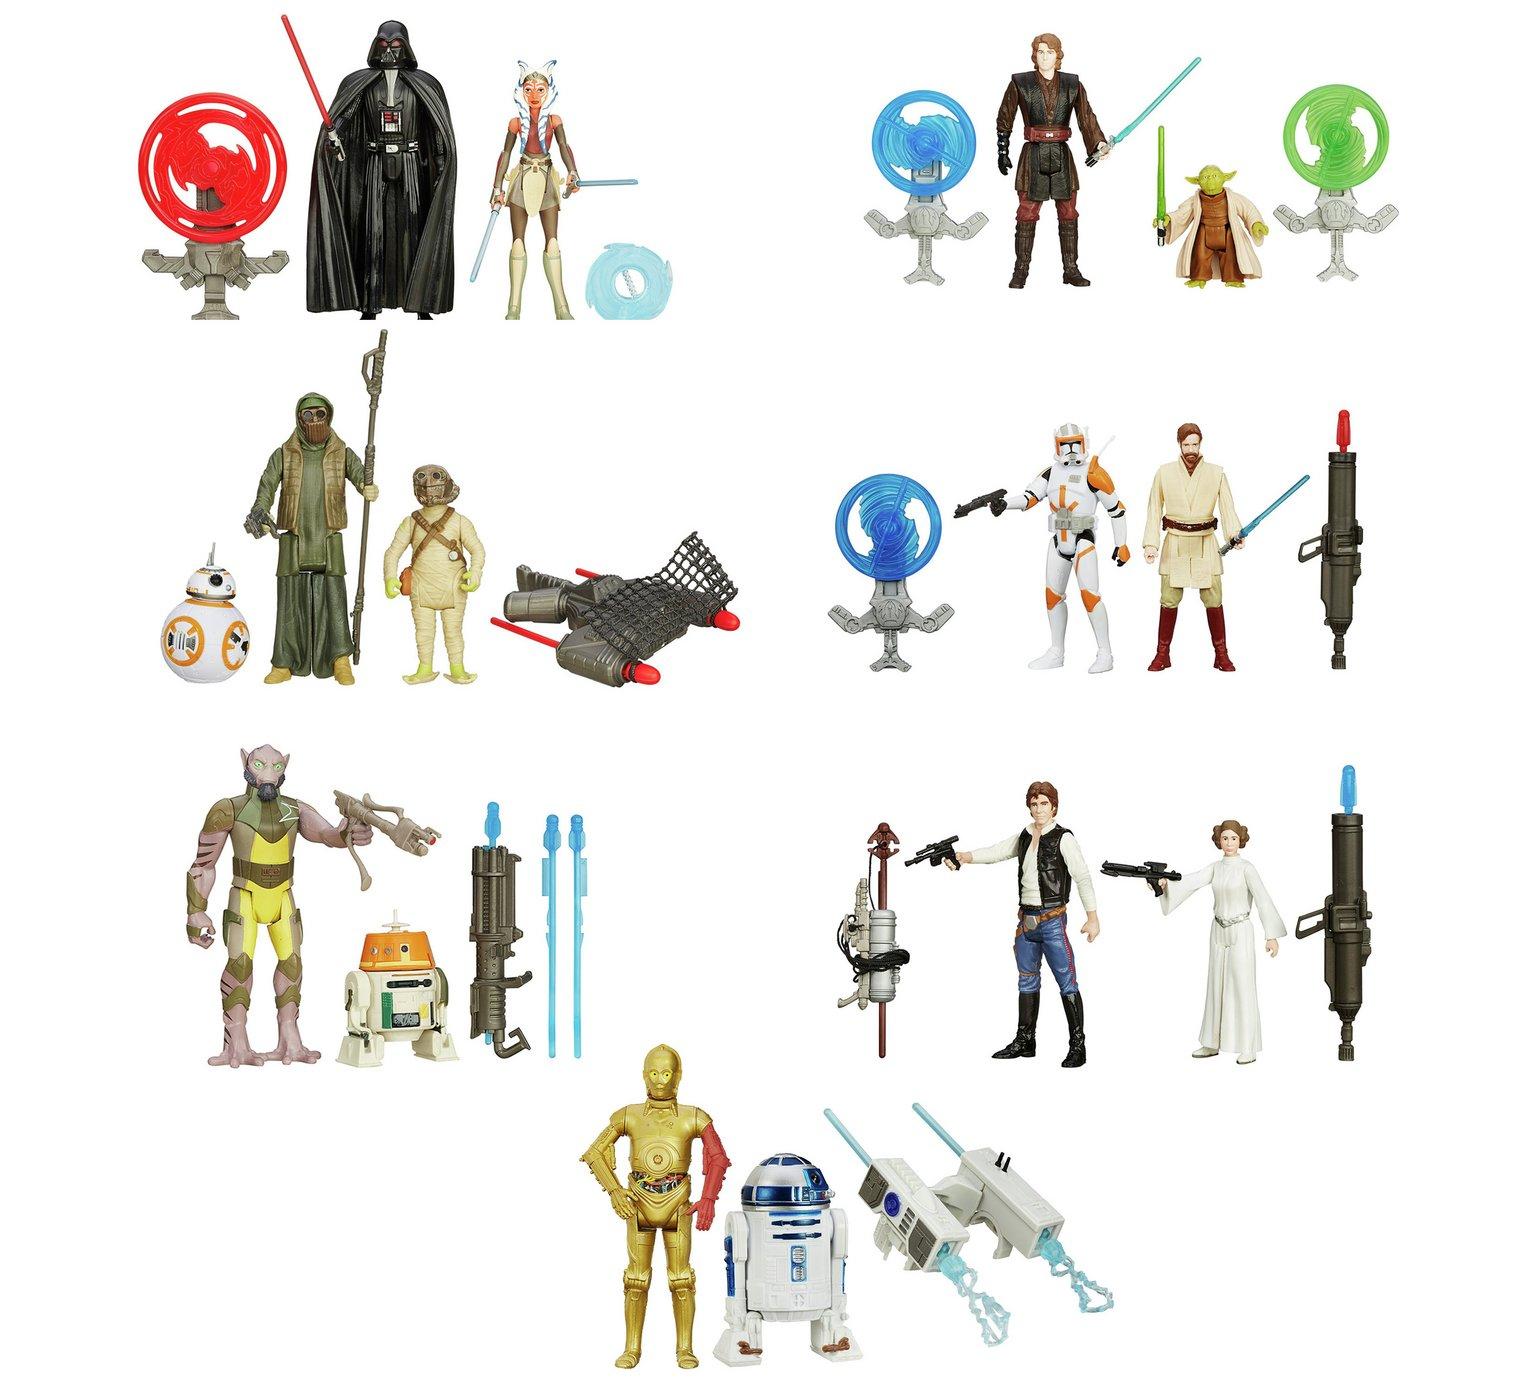 Star Wars figure 2 pack assortment £3.99 @ Argos